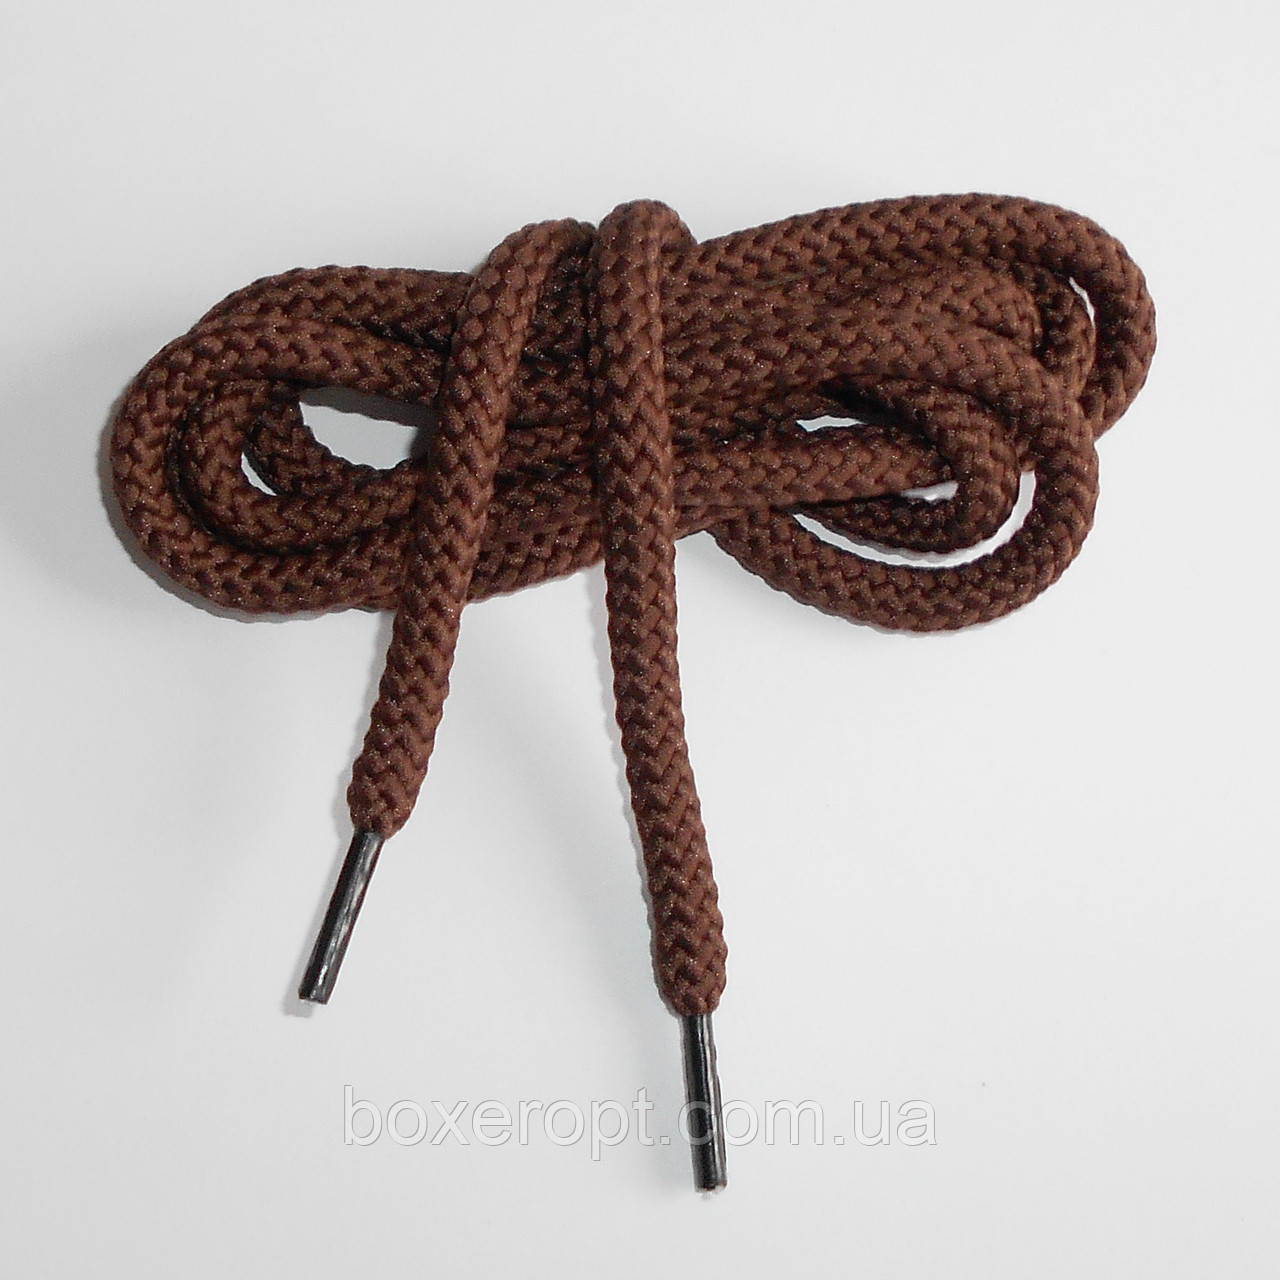 Шнурки обувные полиэфирные. Круглые, 1.1 м. (коричневые)